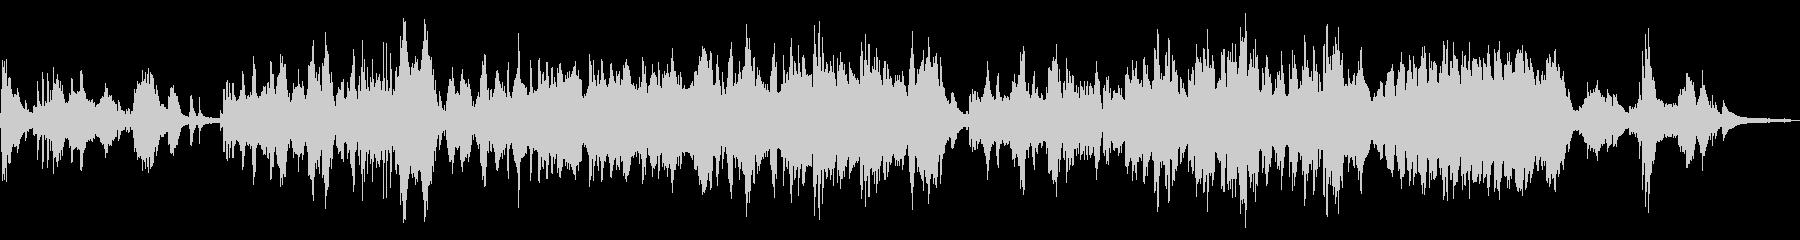 光と希望のテーマ-ピアノソロの未再生の波形